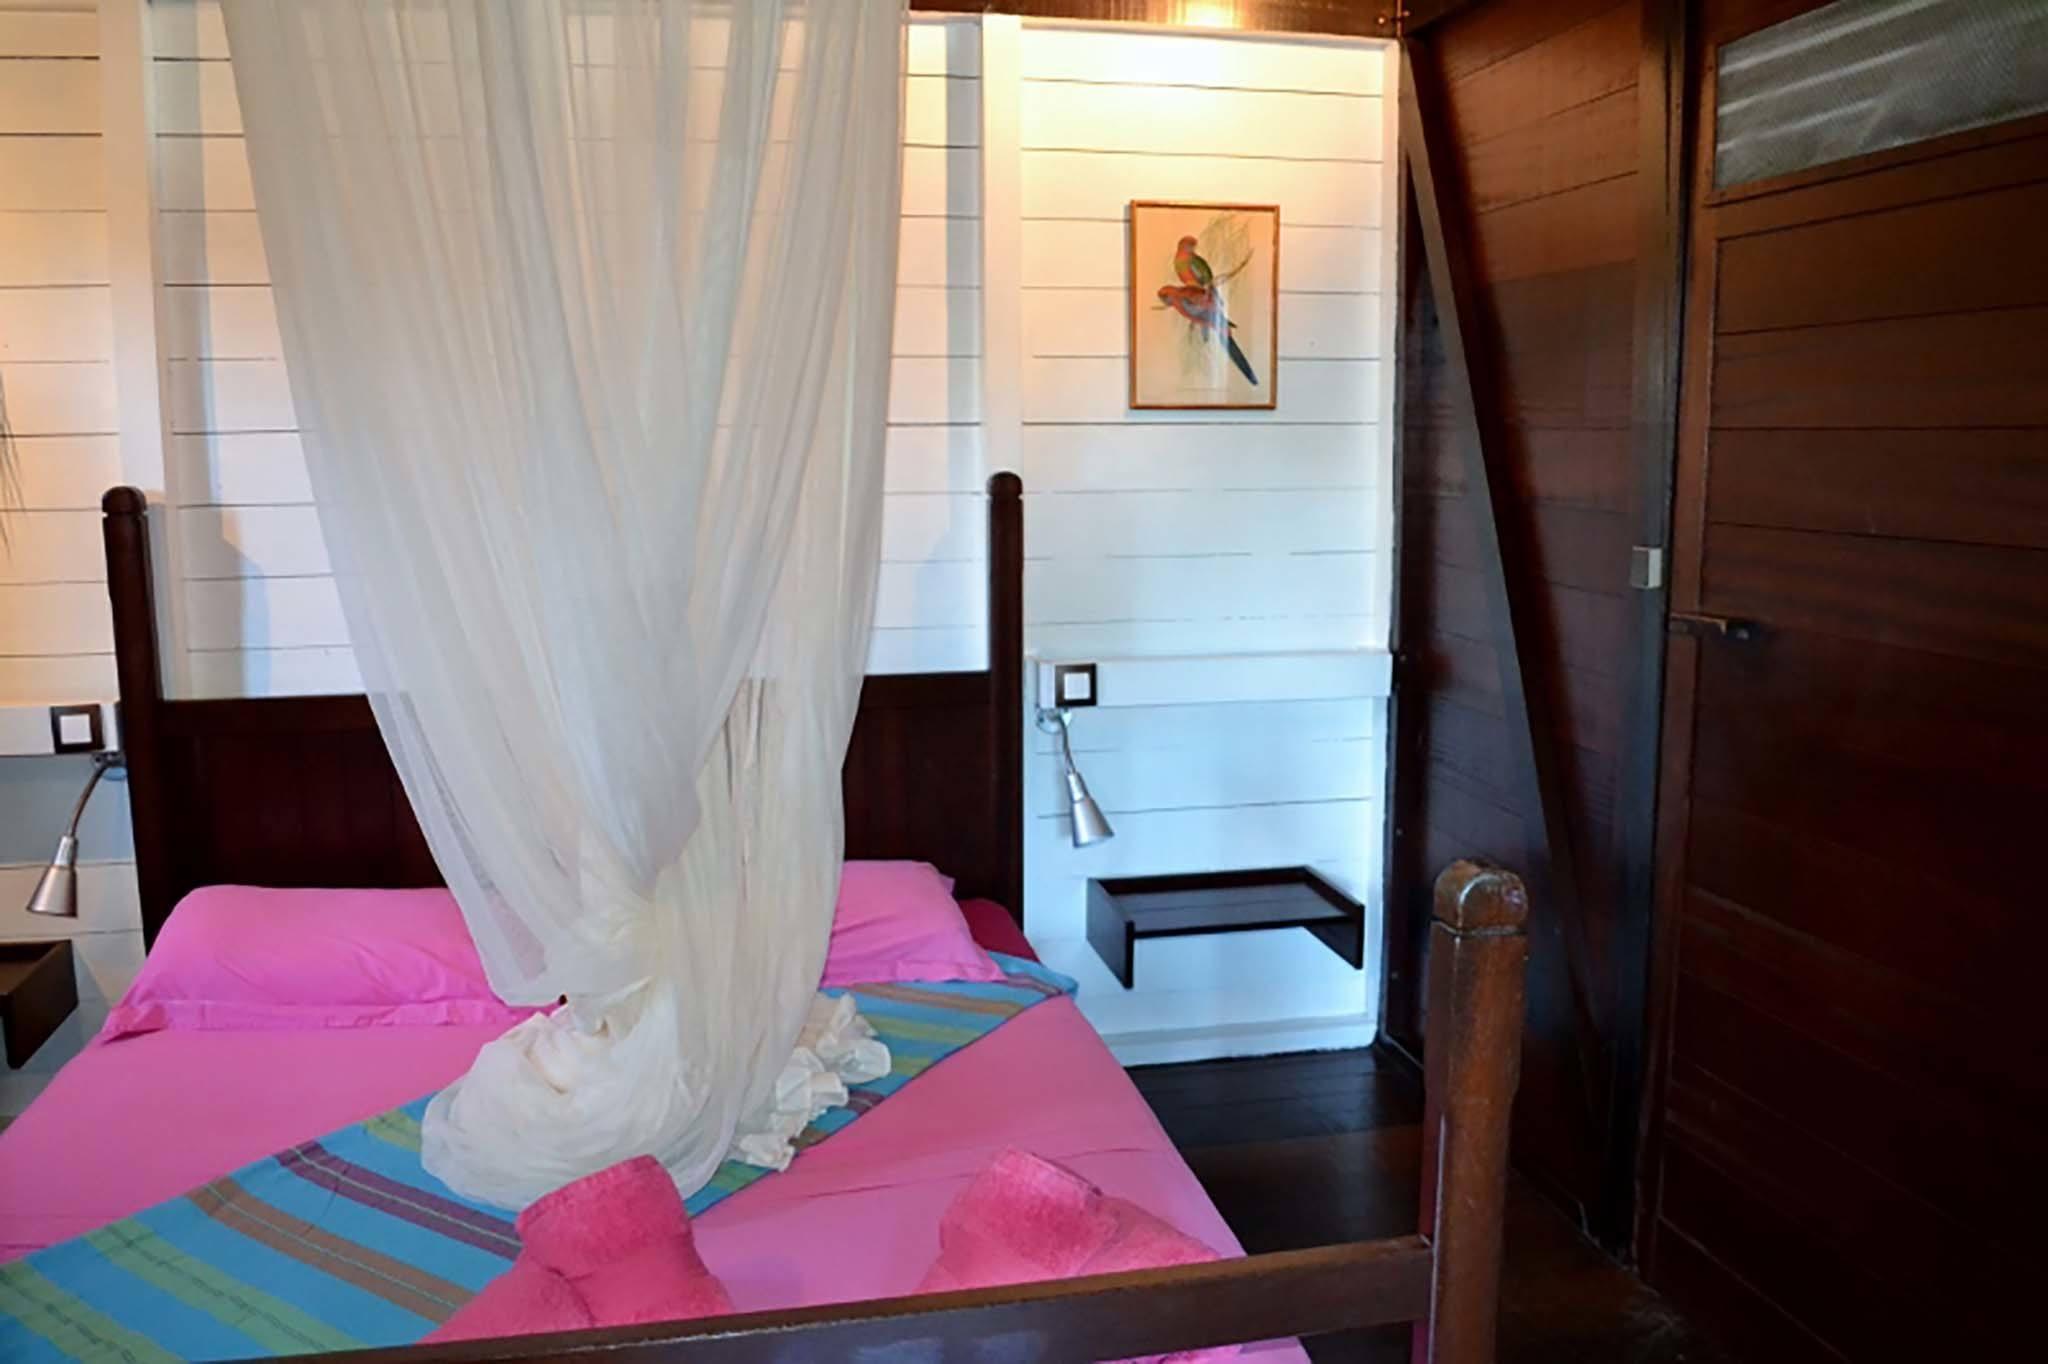 Location de bungalows pour famille deshaies en guadeloupe - Cours de cuisine en guadeloupe ...